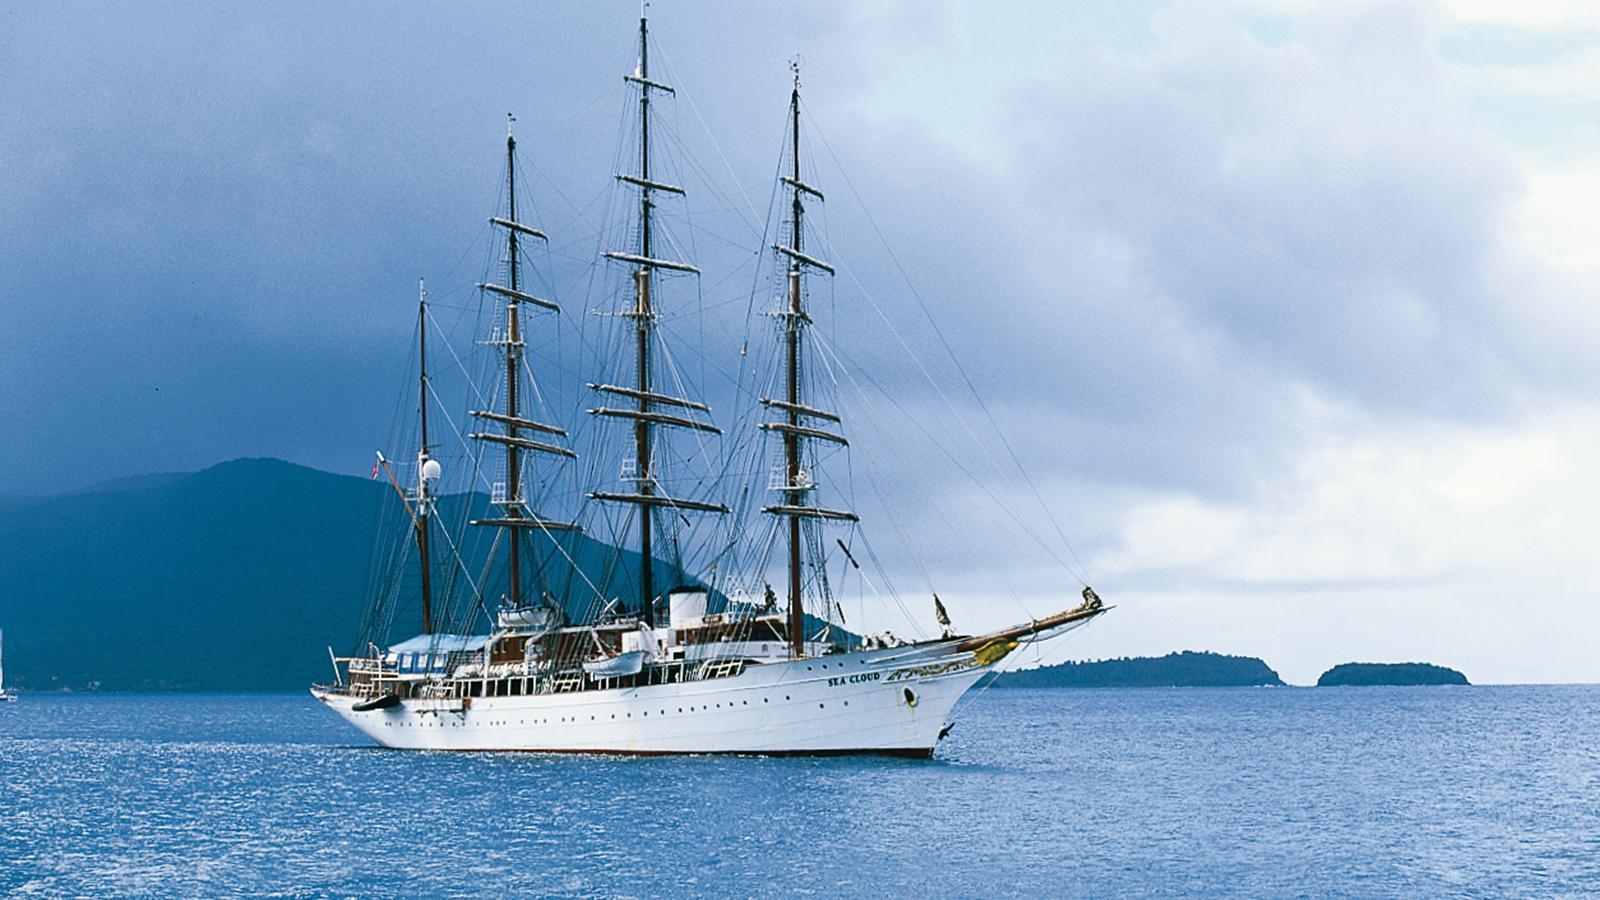 sea-cloud-sailing-yacht-krupp-1931-109m-anchored